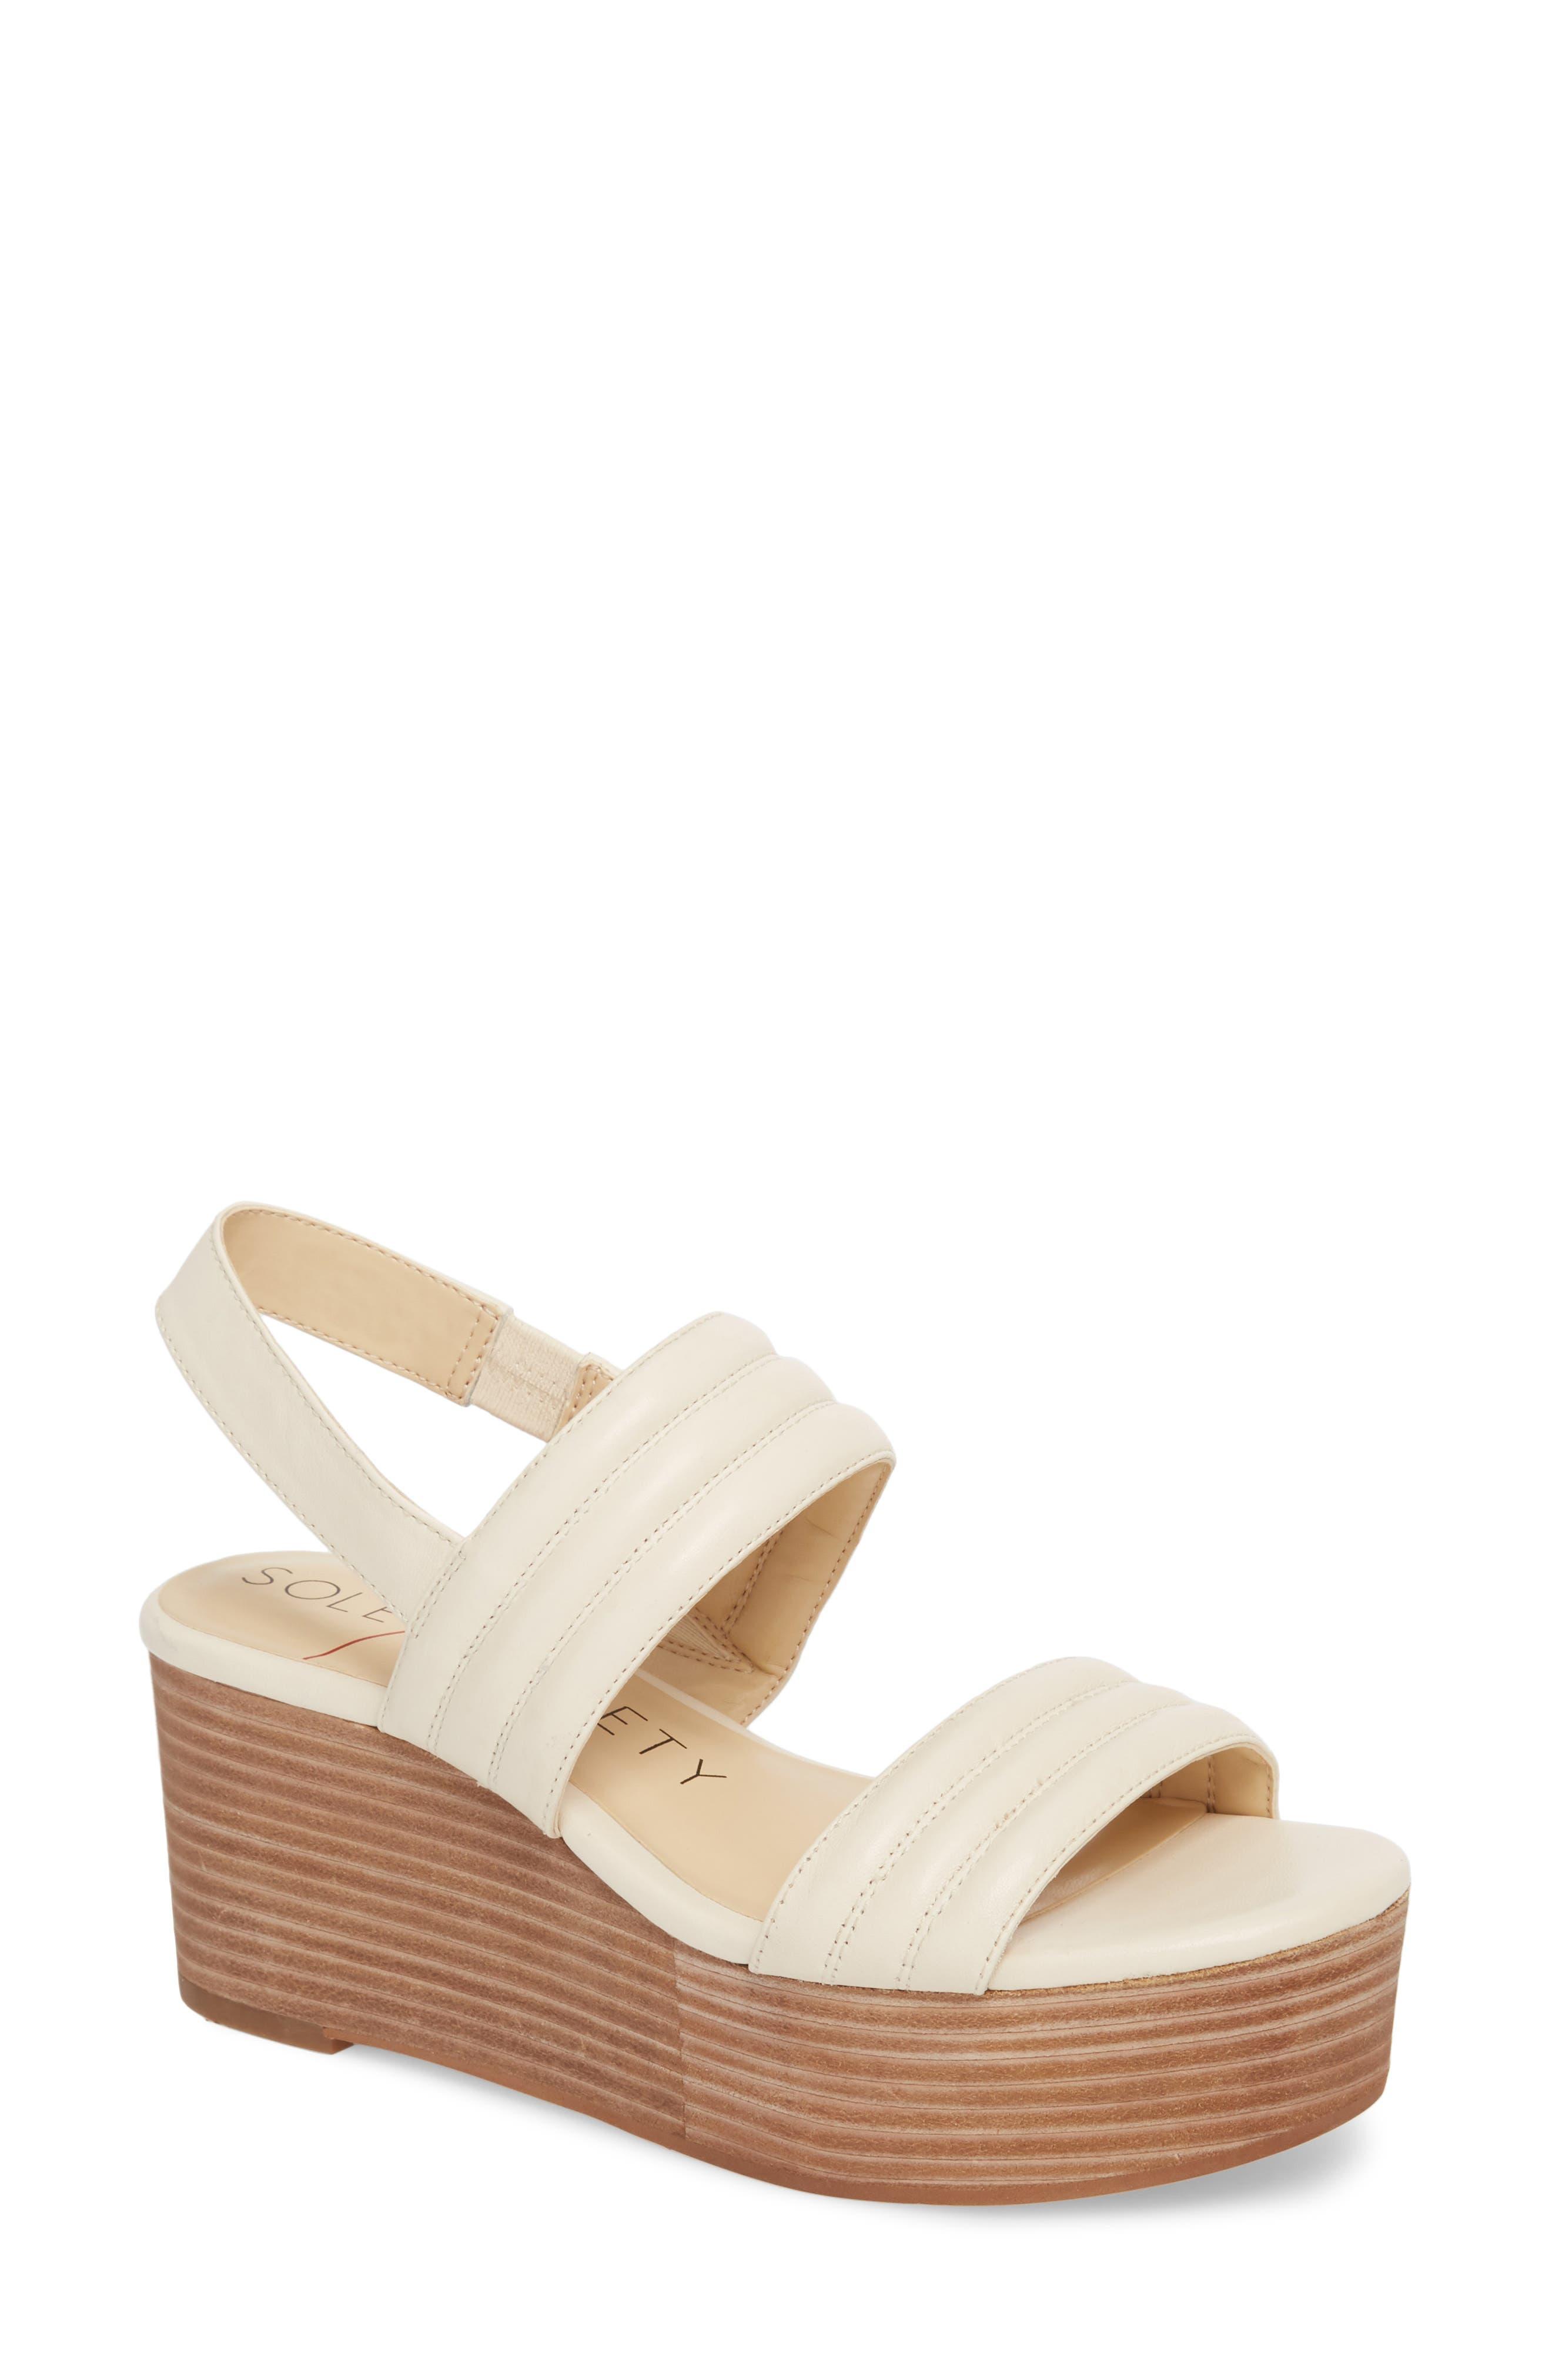 Amberly Platform Sandal,                             Main thumbnail 3, color,